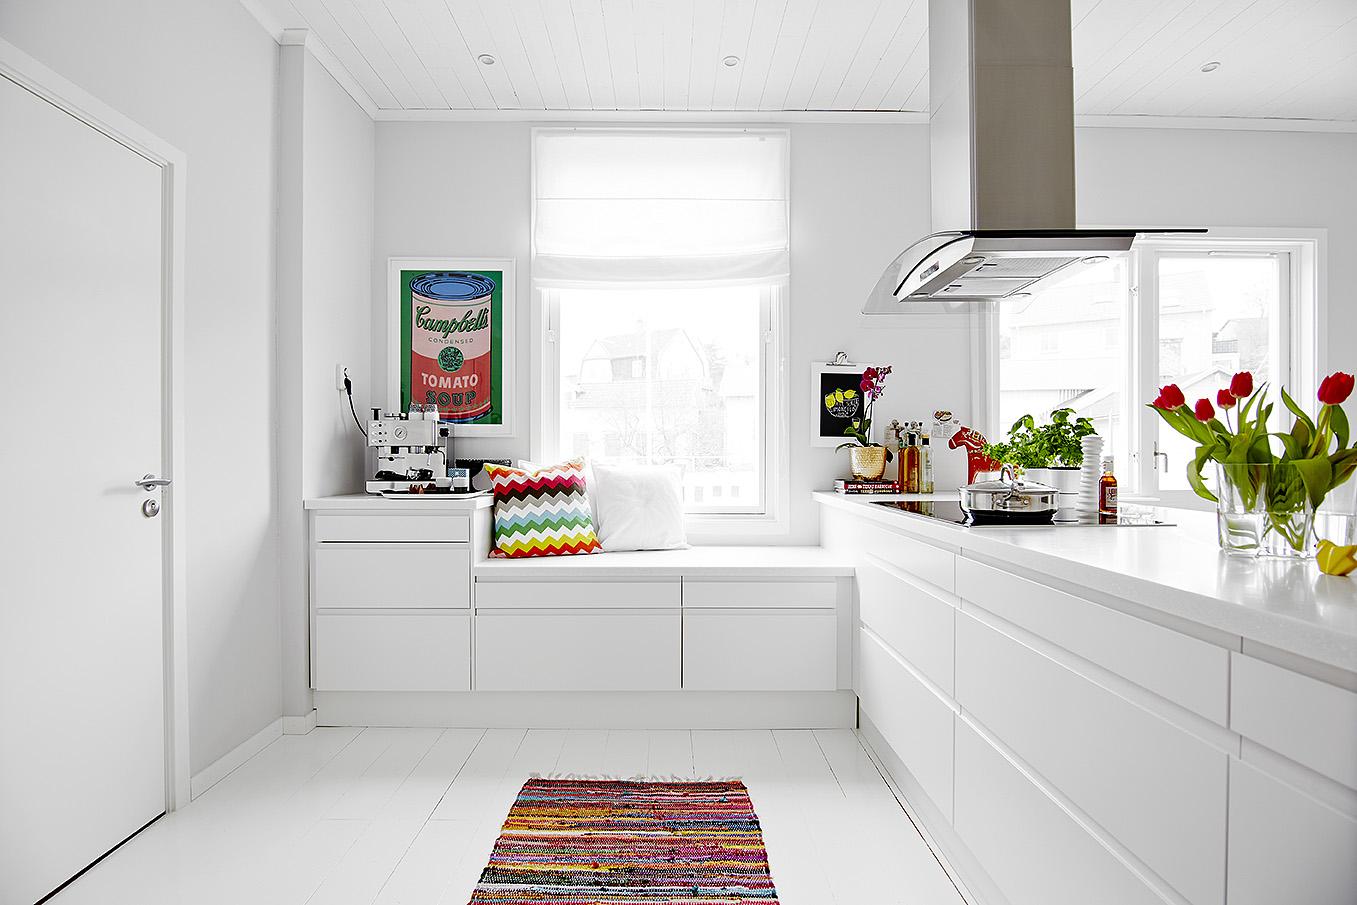 La cocina es lo importante blog tienda decoraci n estilo for Cocina blanca electrodomesticos blancos